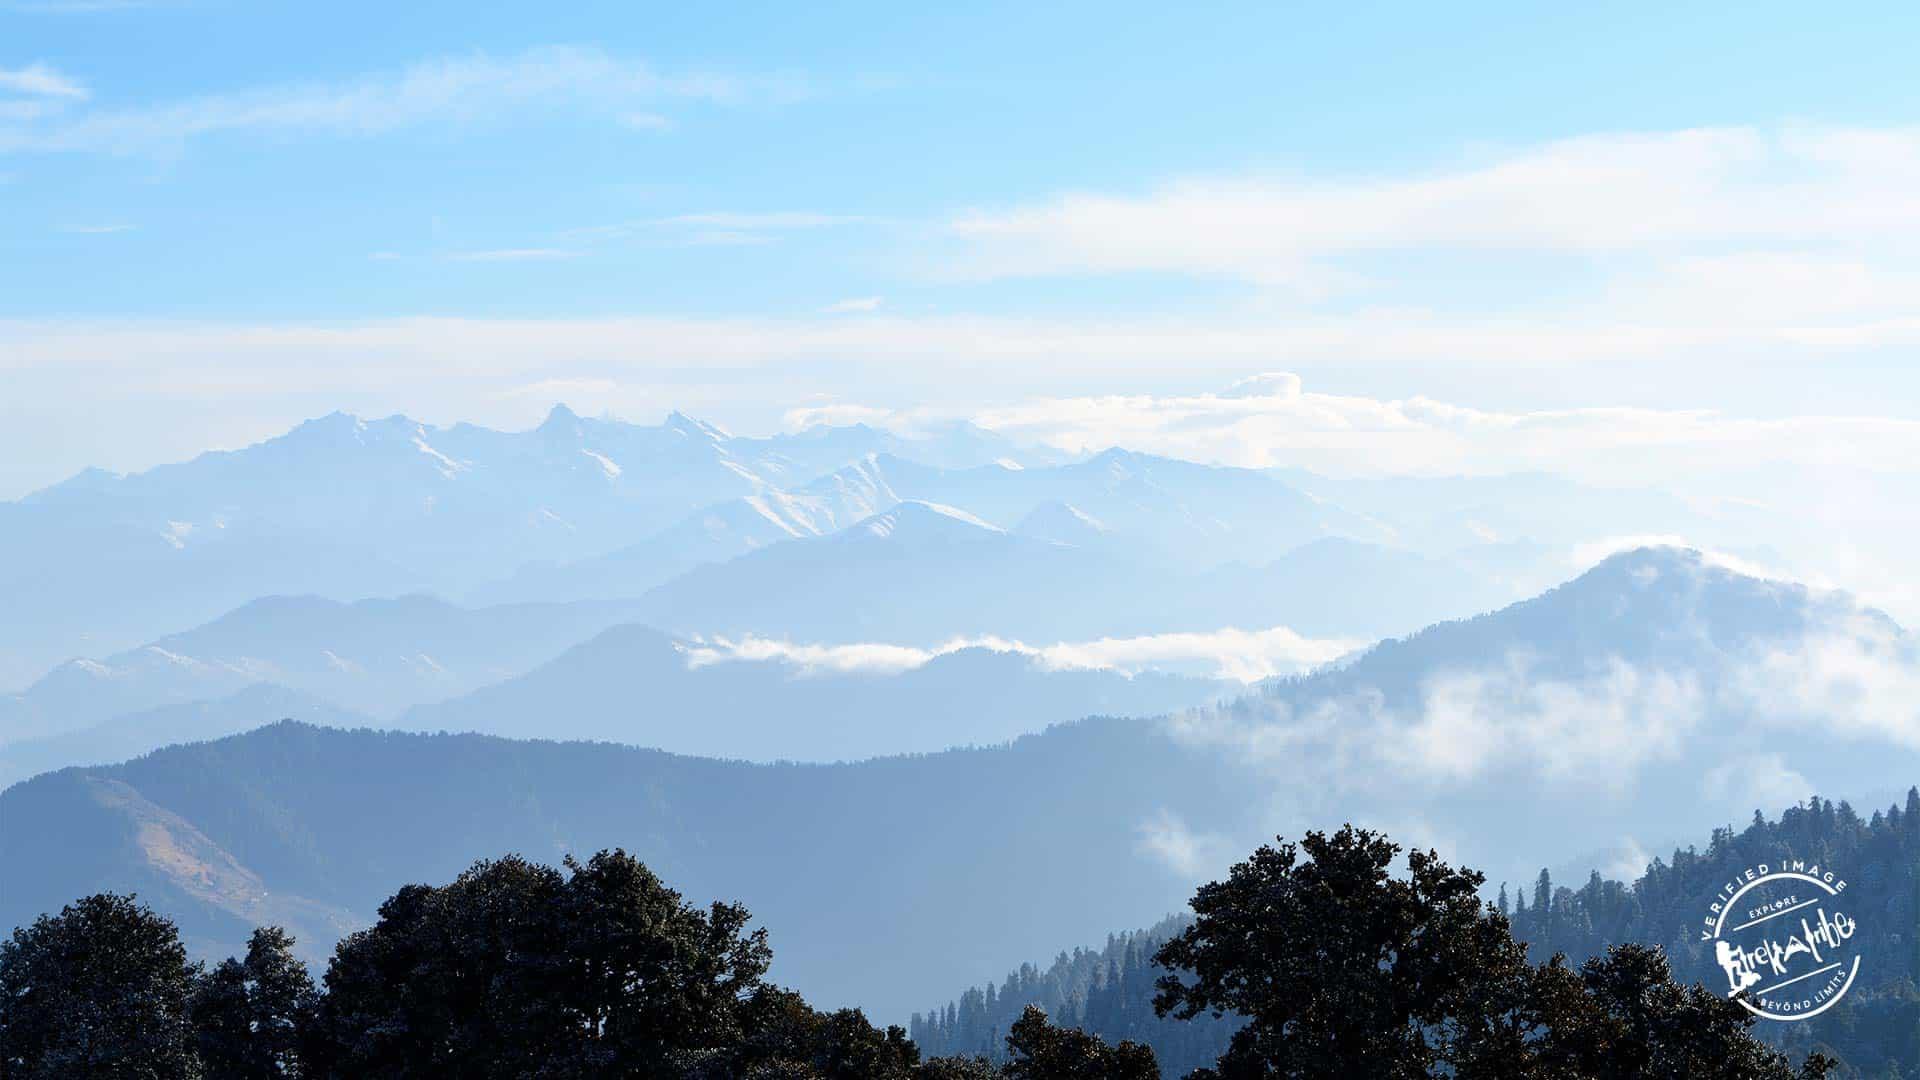 Hatu Peak Trek offering view of Shrikhand range & kinner kailash range